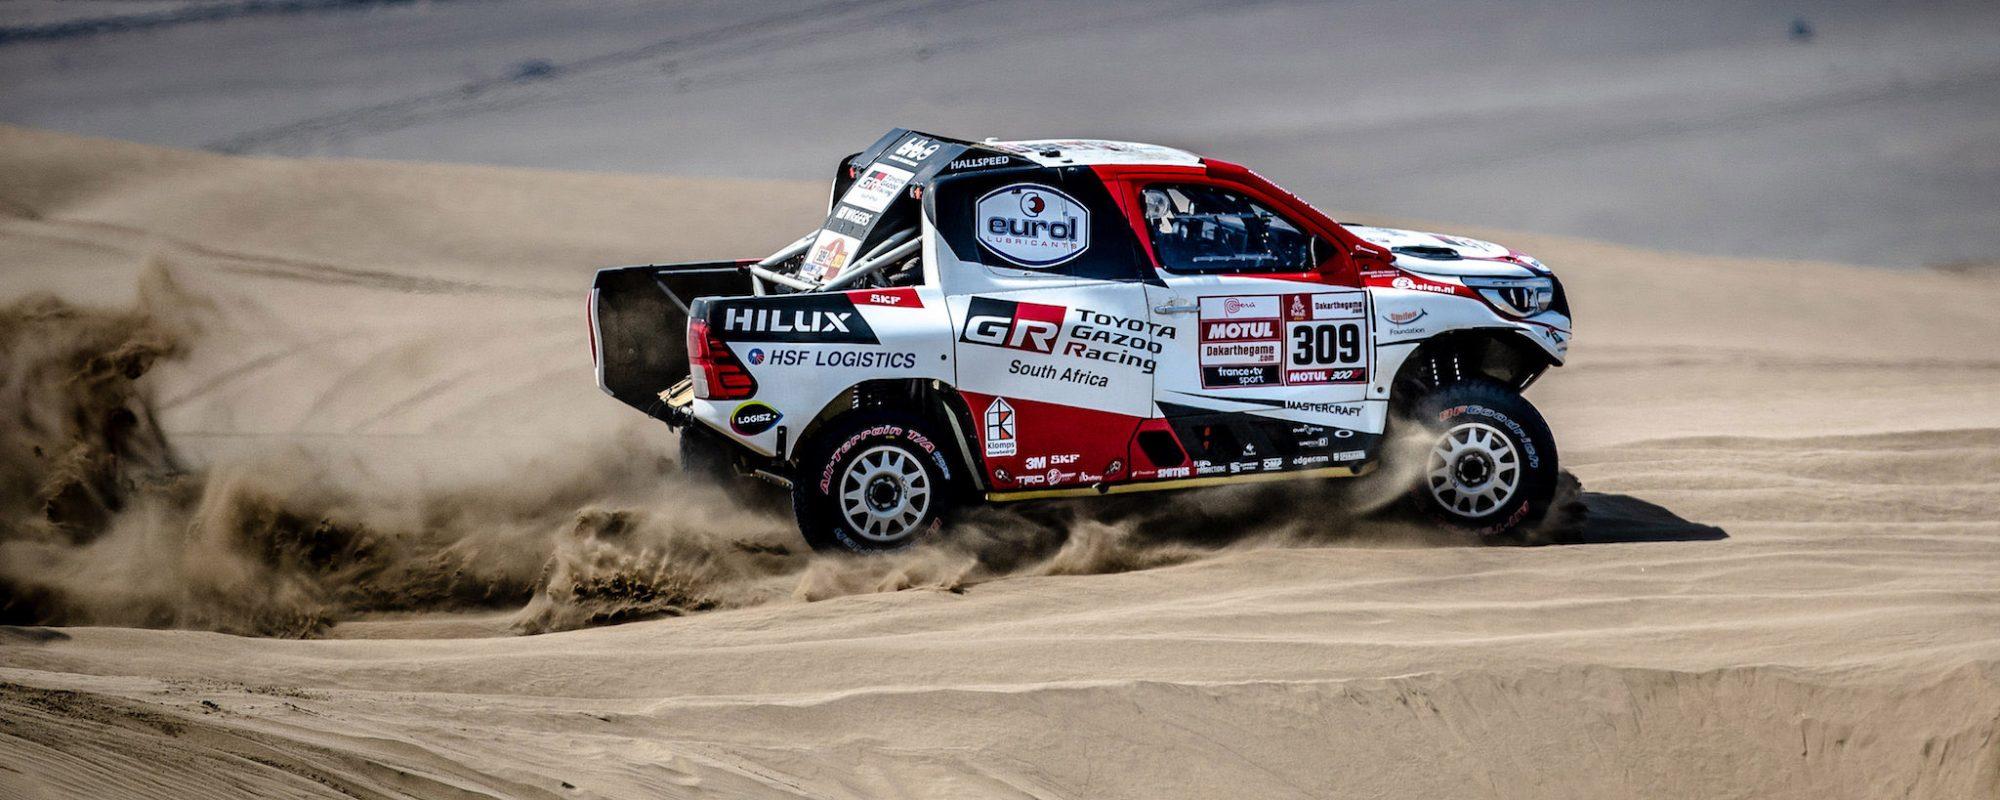 Ten Brinke op weg naar een topklassering in Dakar